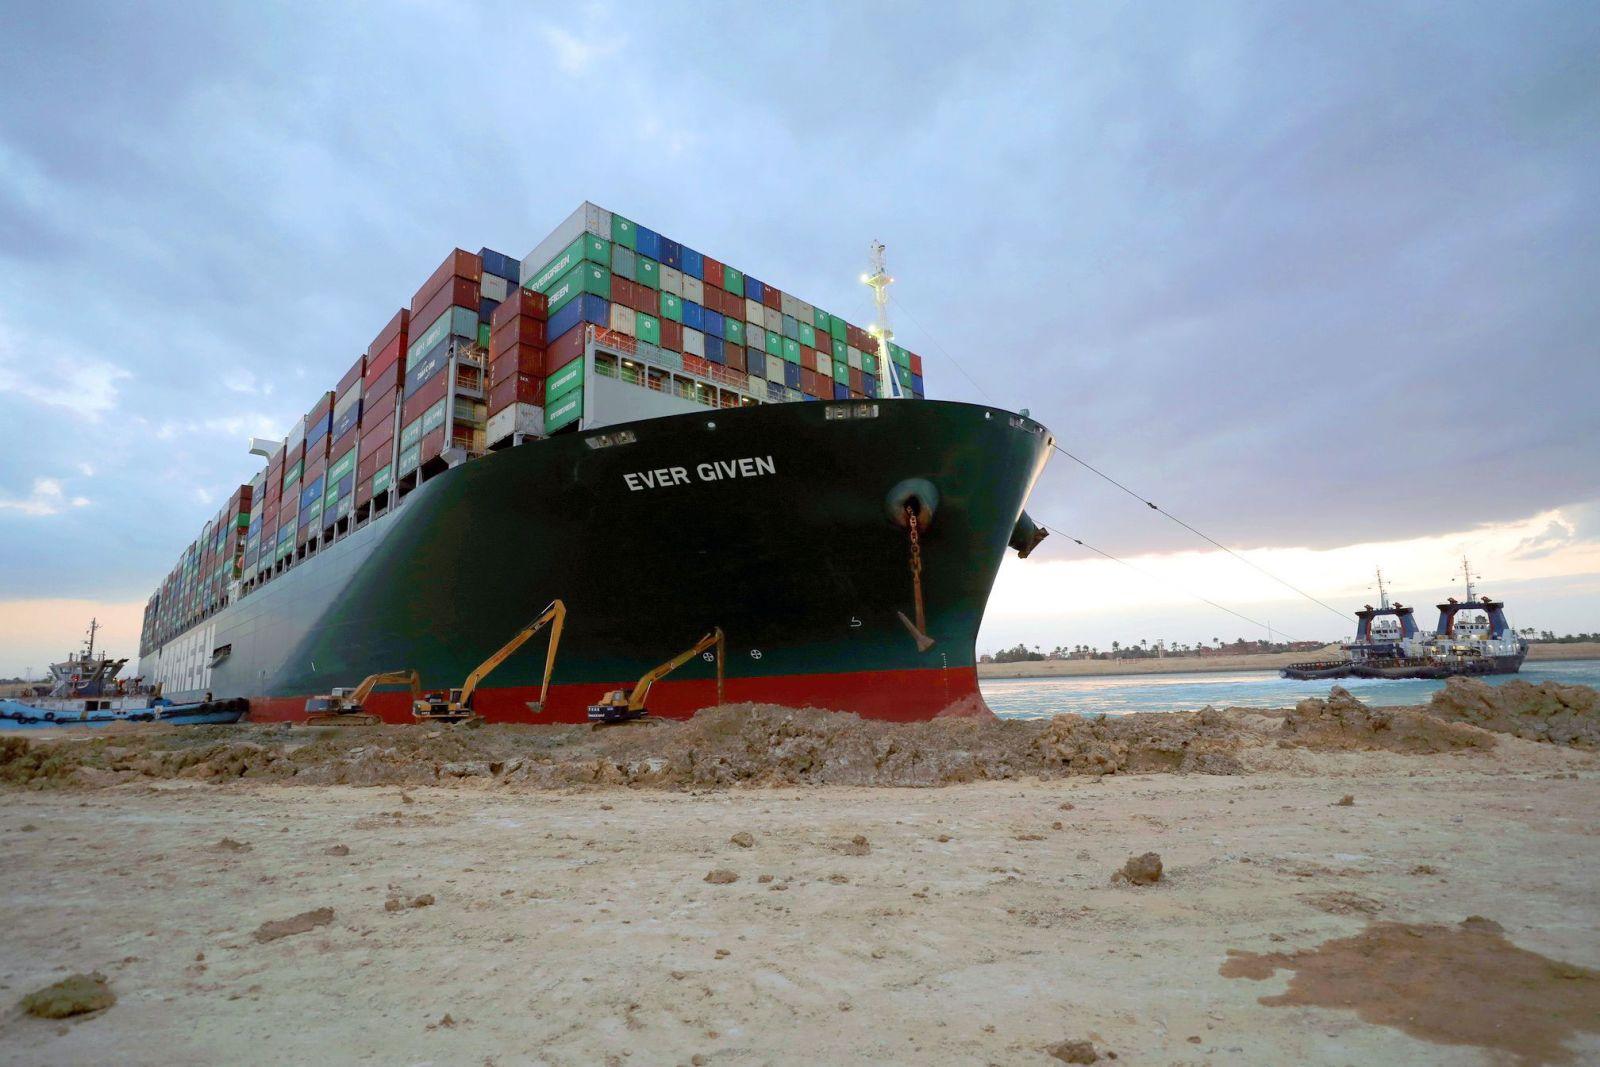 La autoridad del Canal de Suez dijo que el rezago causado por el bloqueo terminó